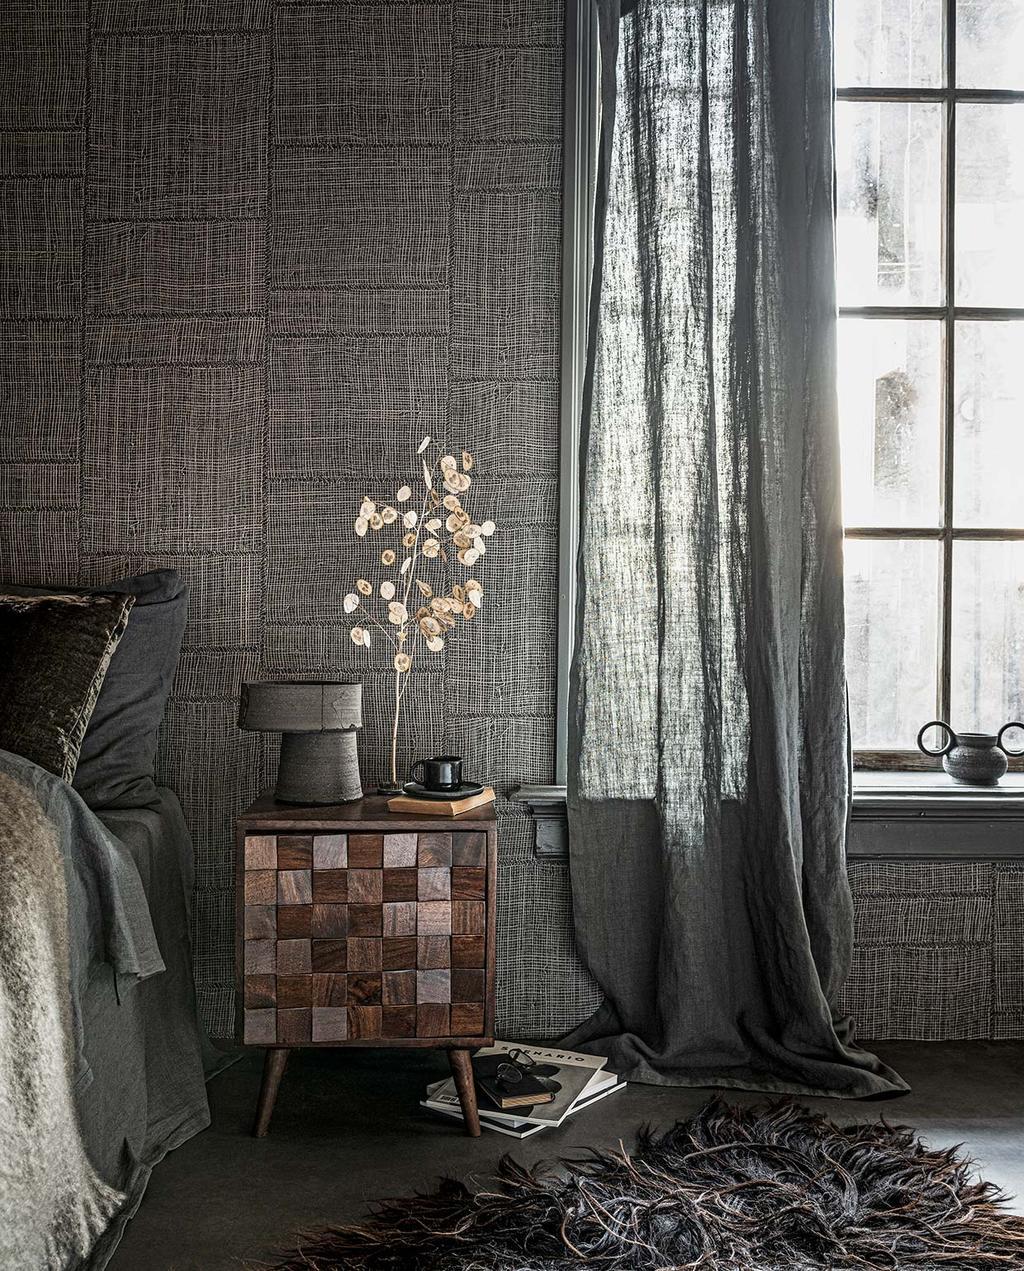 vtwonen 02-2021 | slaapkamer bijzonder nachtkastje met vlakken en bed